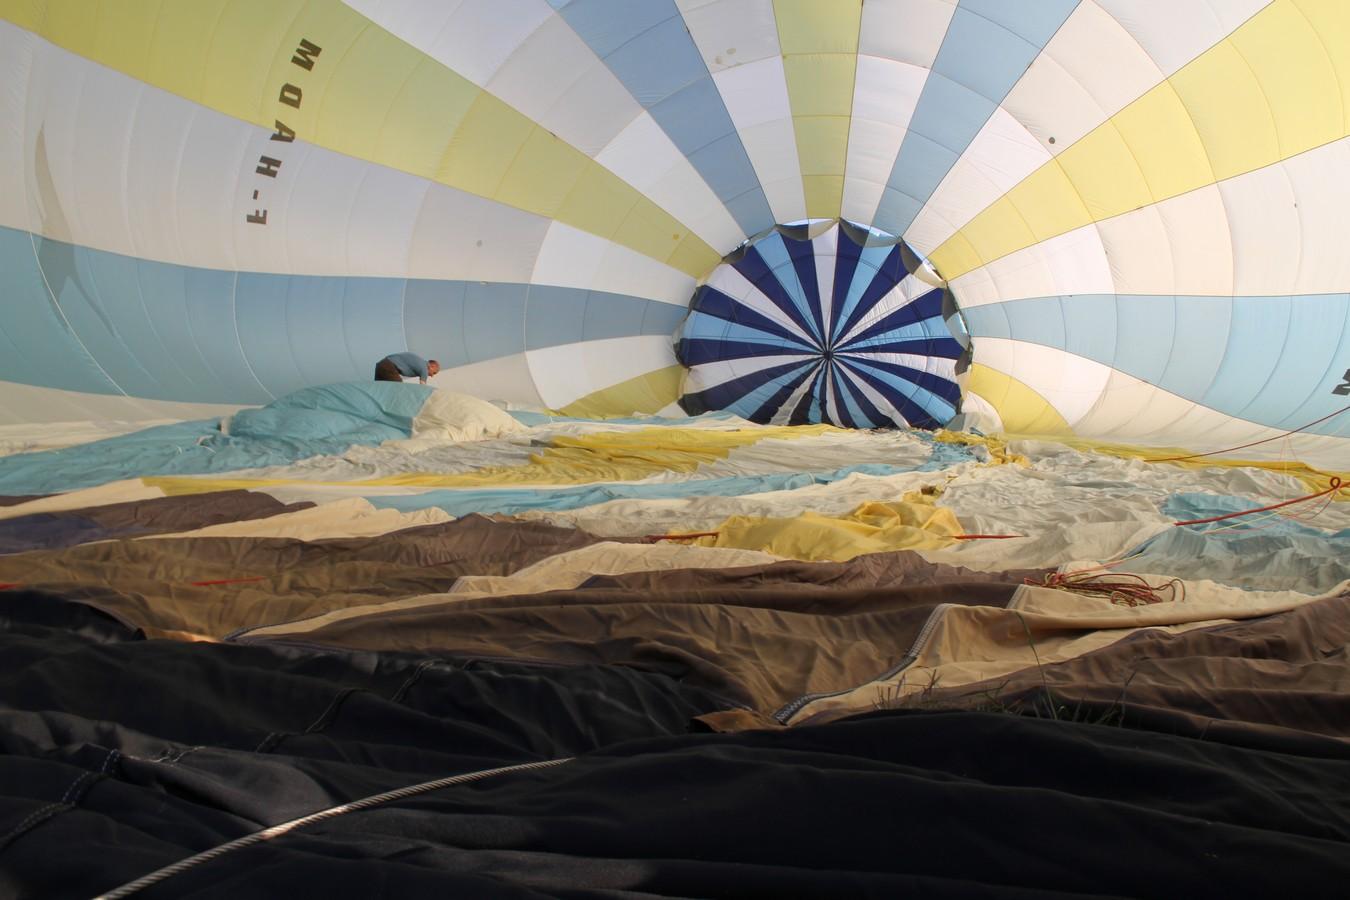 intérieur de la montgolfière